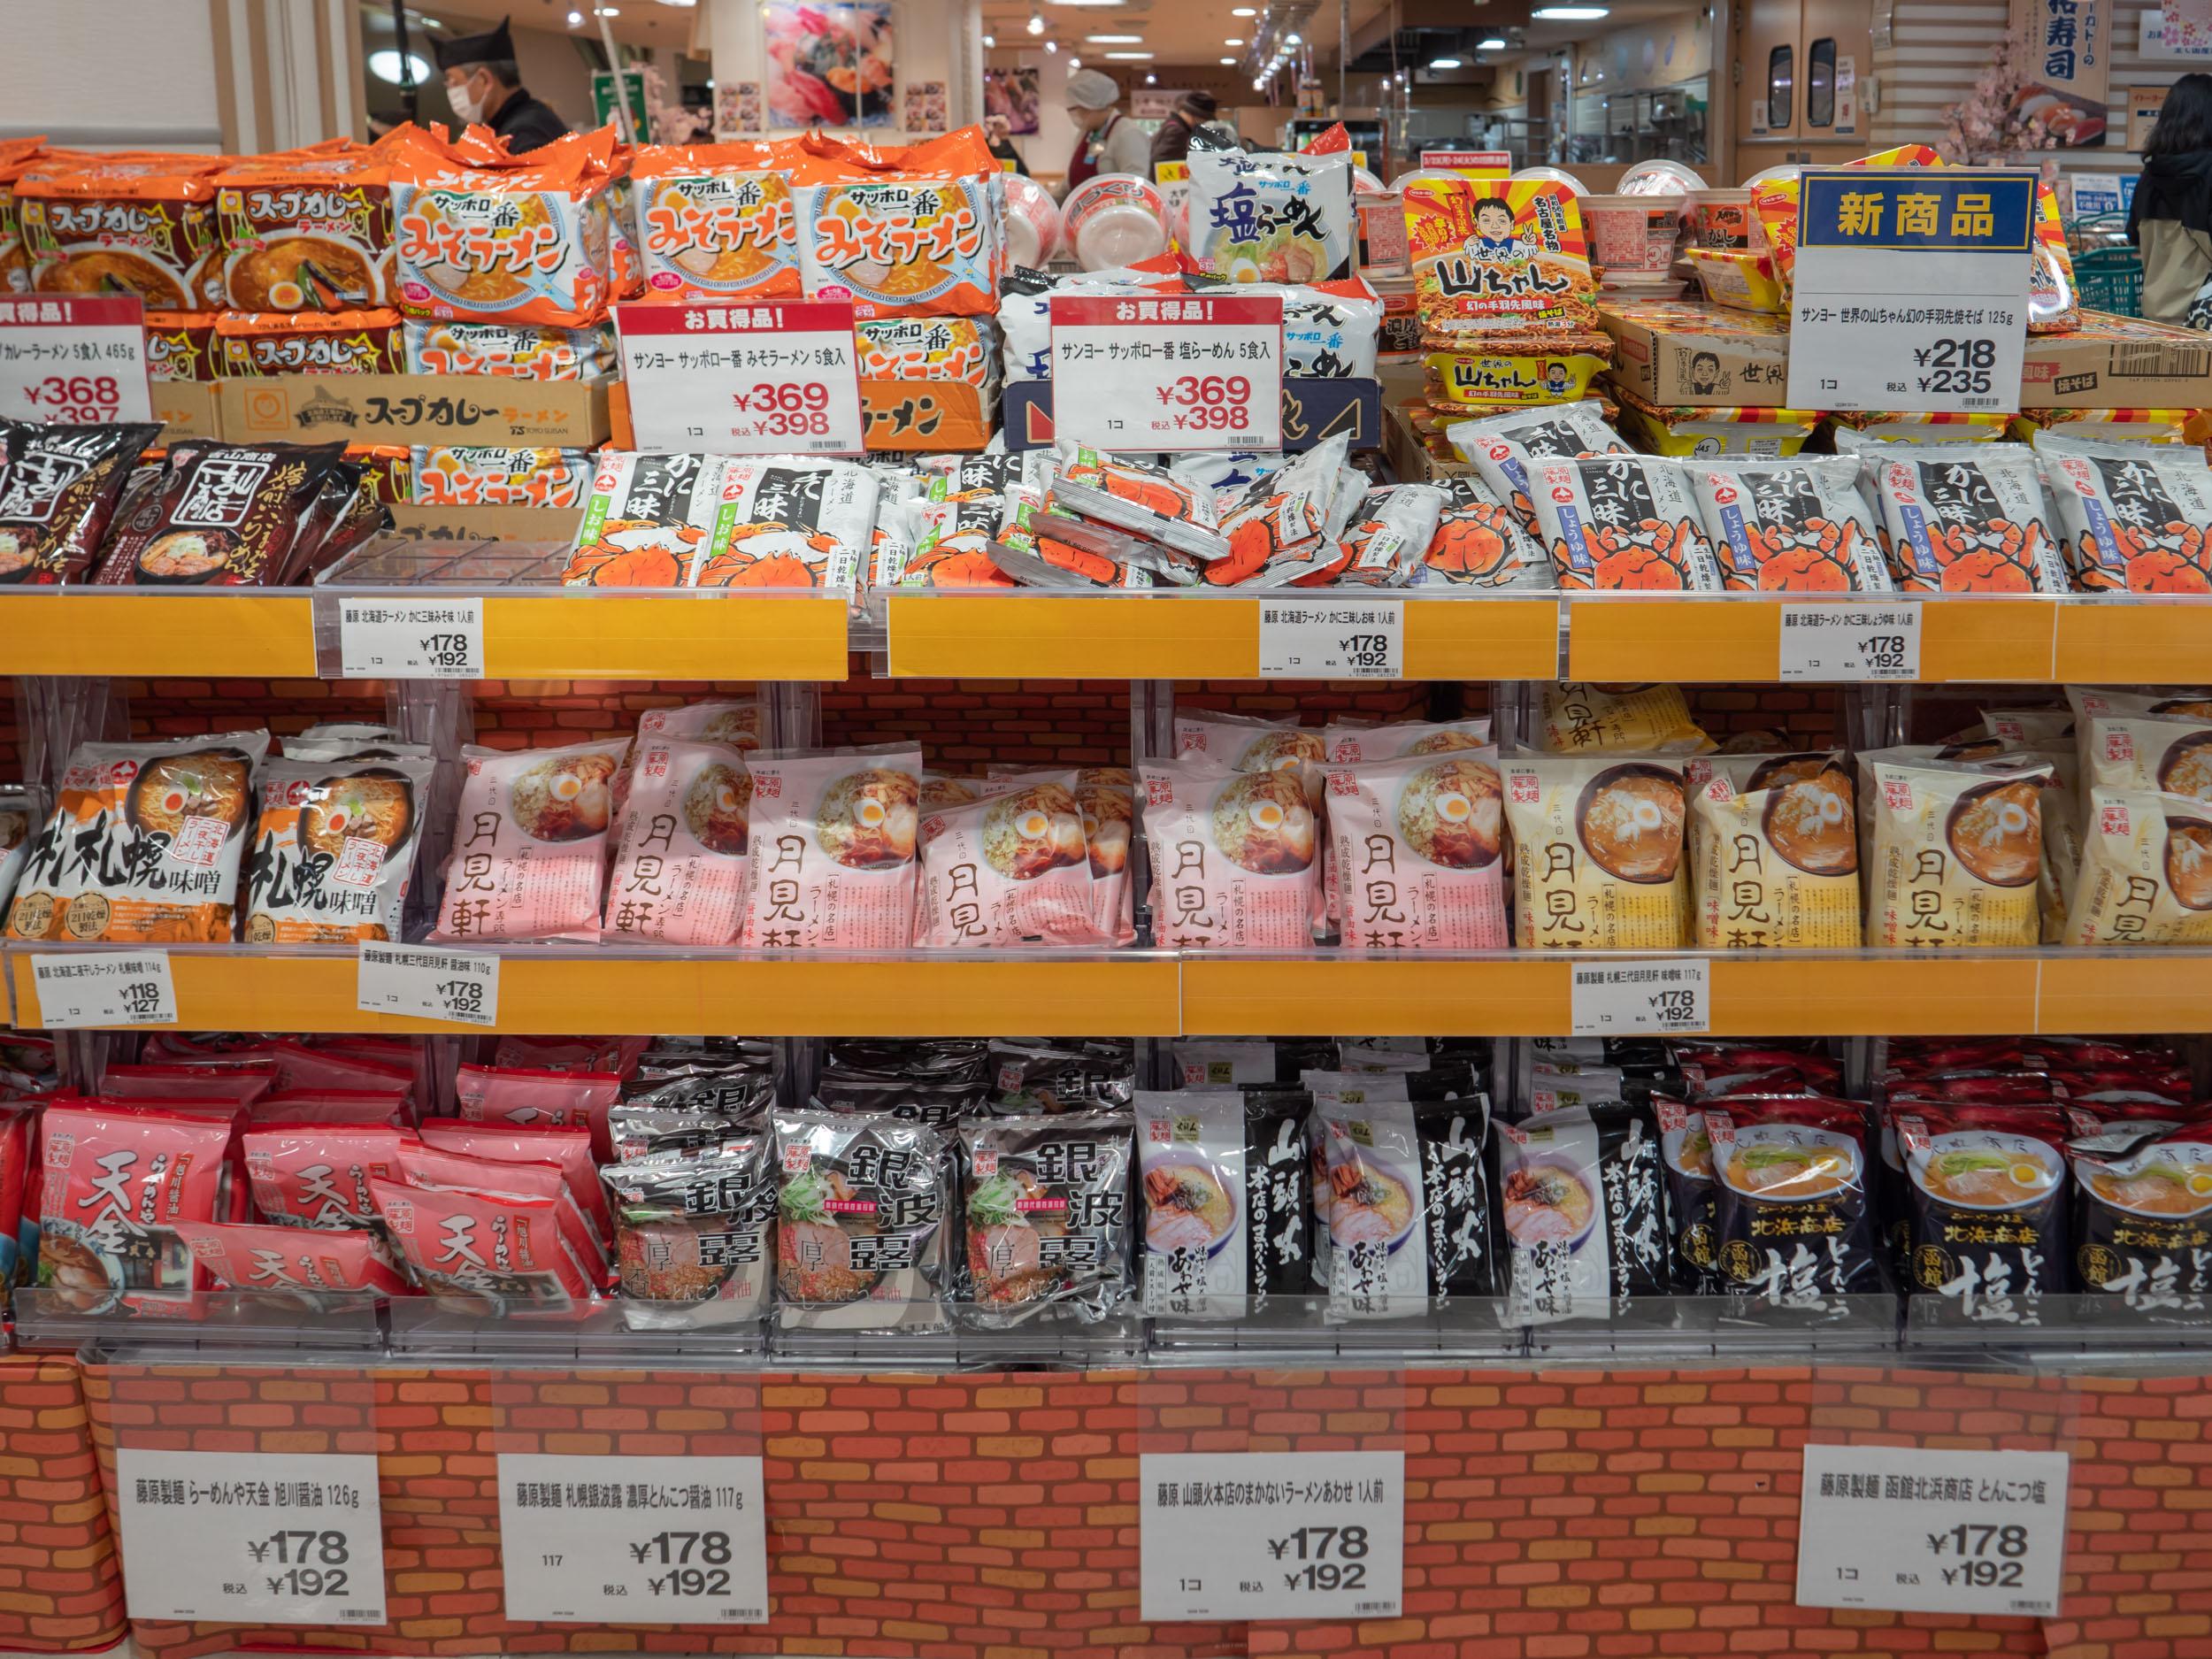 閉店したイトーヨーカドーすすきの店食品売場のご当地インスタントラーメン DMC-GX8 + LEICA DG 12-60mm